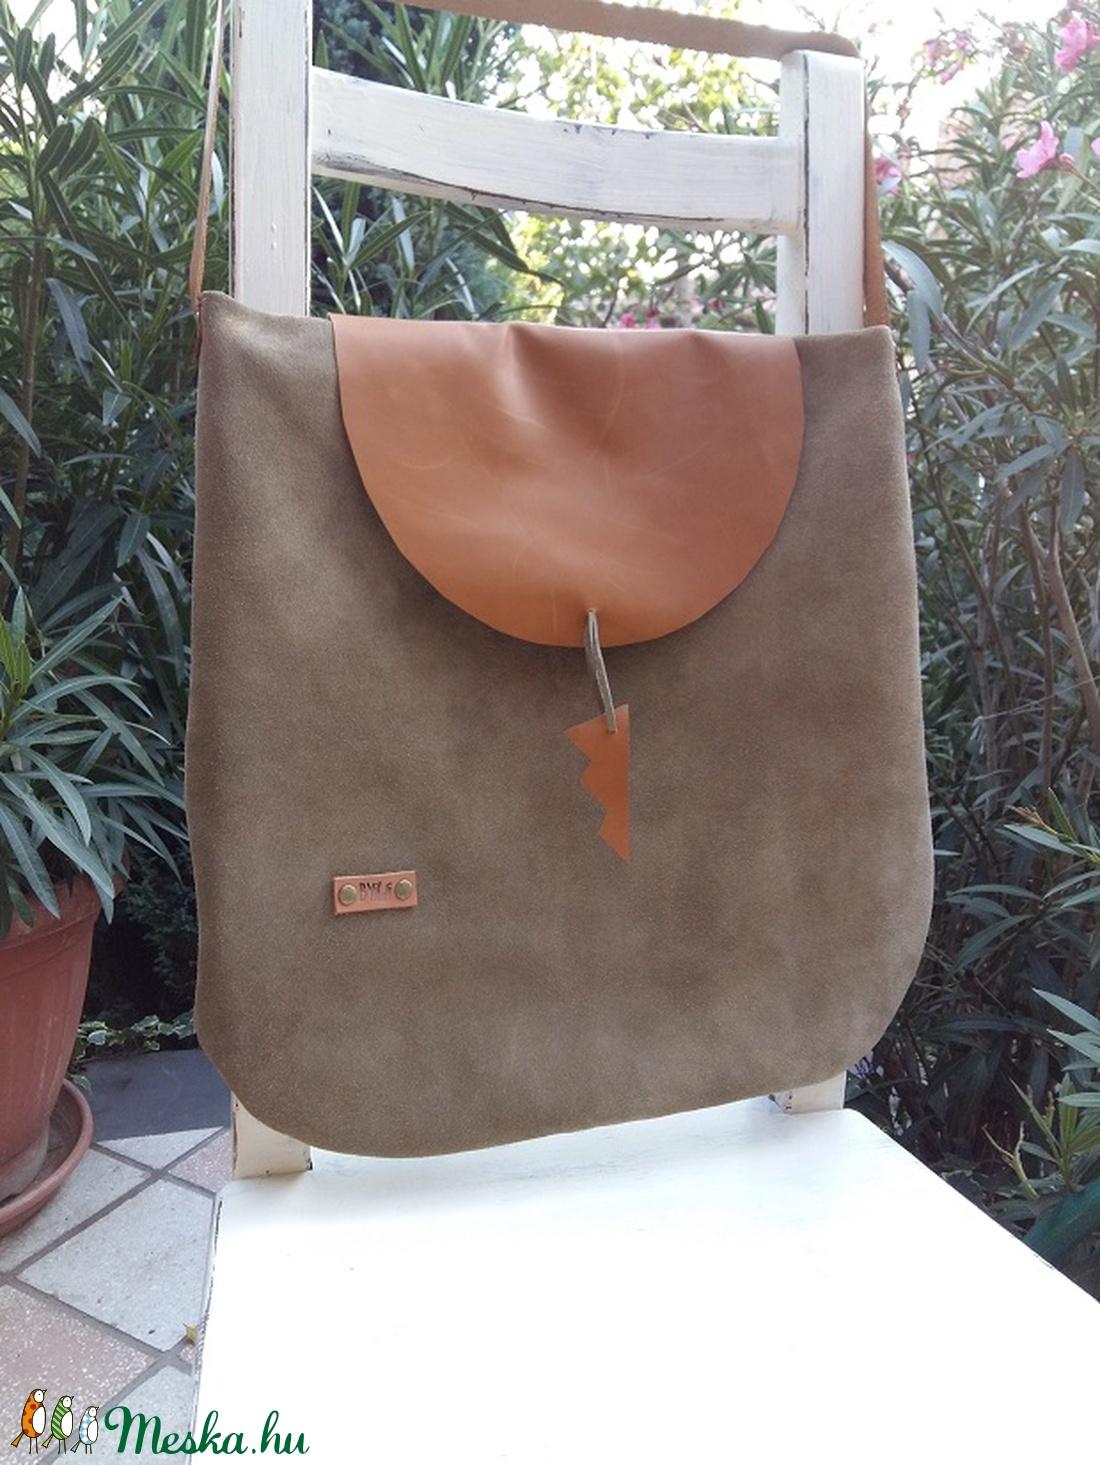 Velúr-bőr táska világos Khaki színű velúrtáska (BYildi) - Meska.hu 9ae026341a